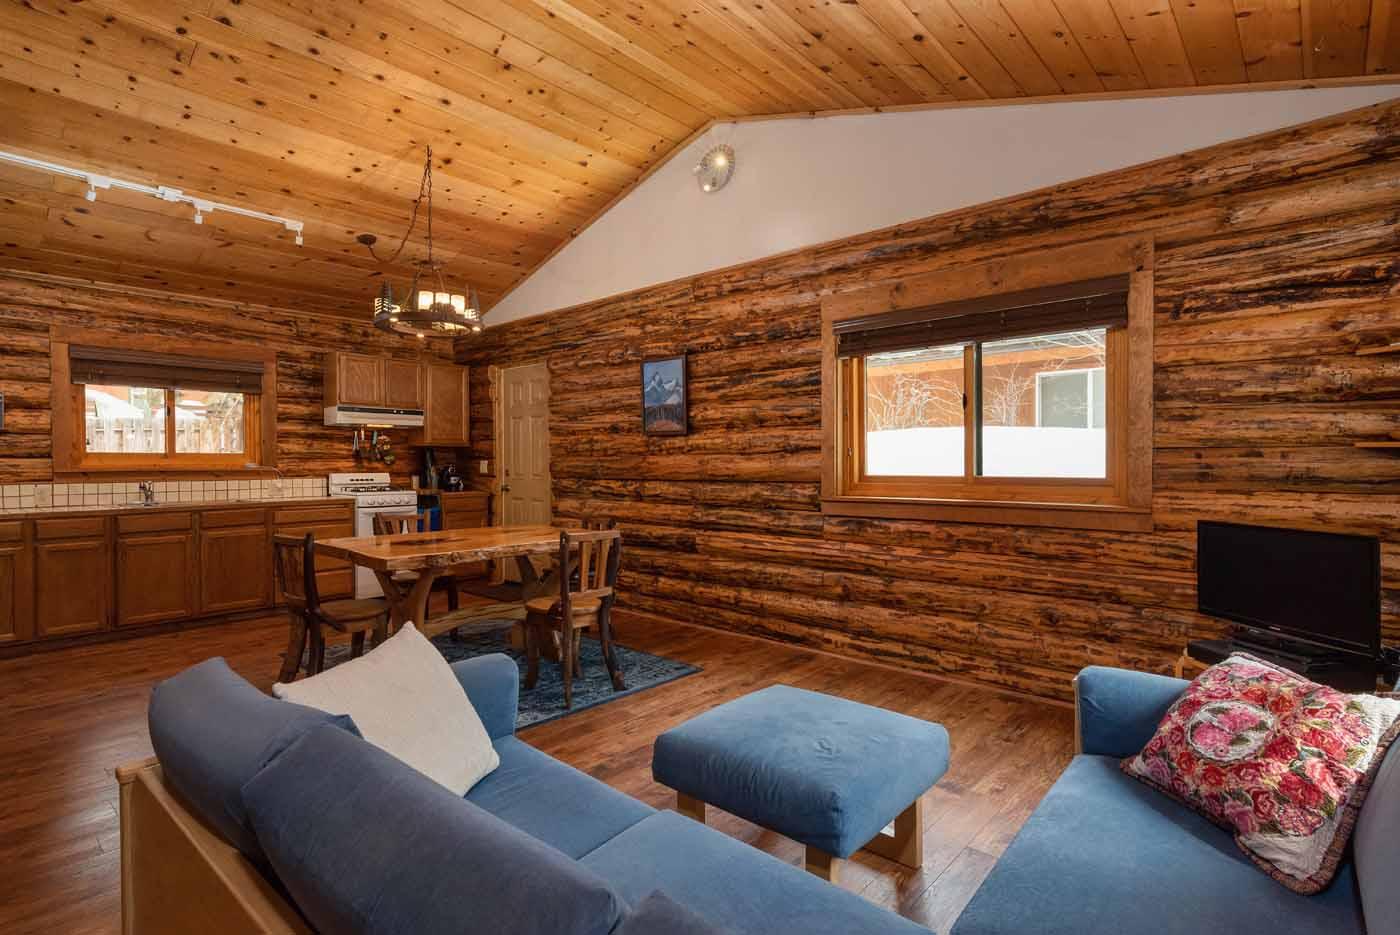 SOLD! Charming Log Cabin Under $400k